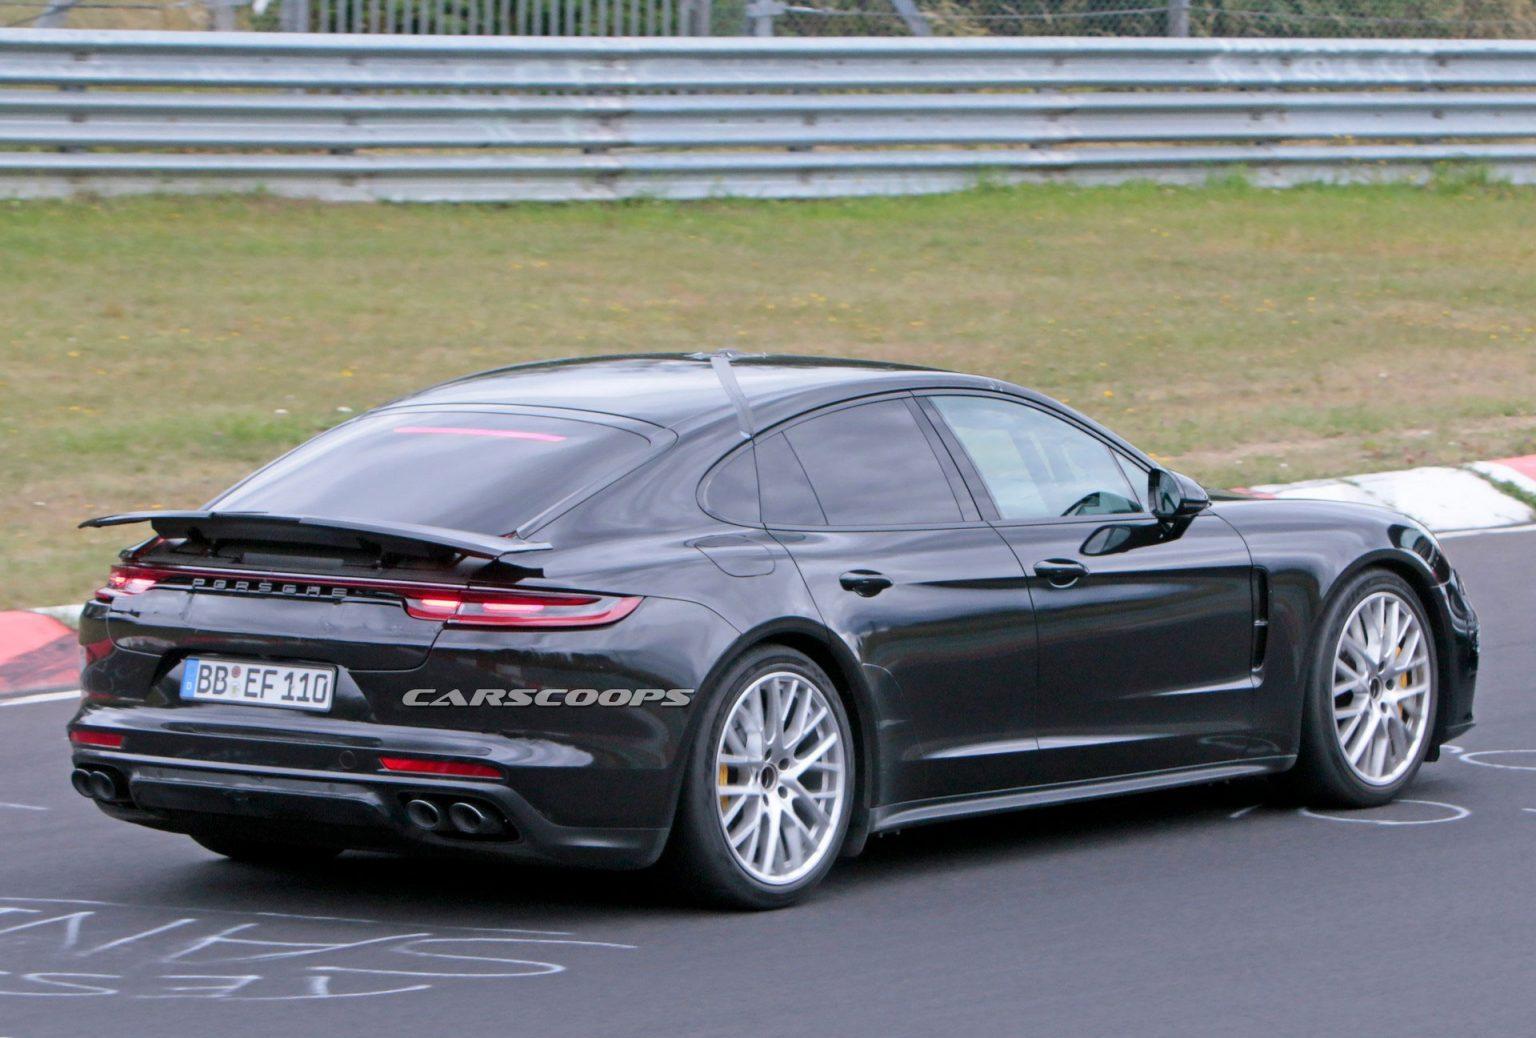 2021 Porsche Panamera Exterior